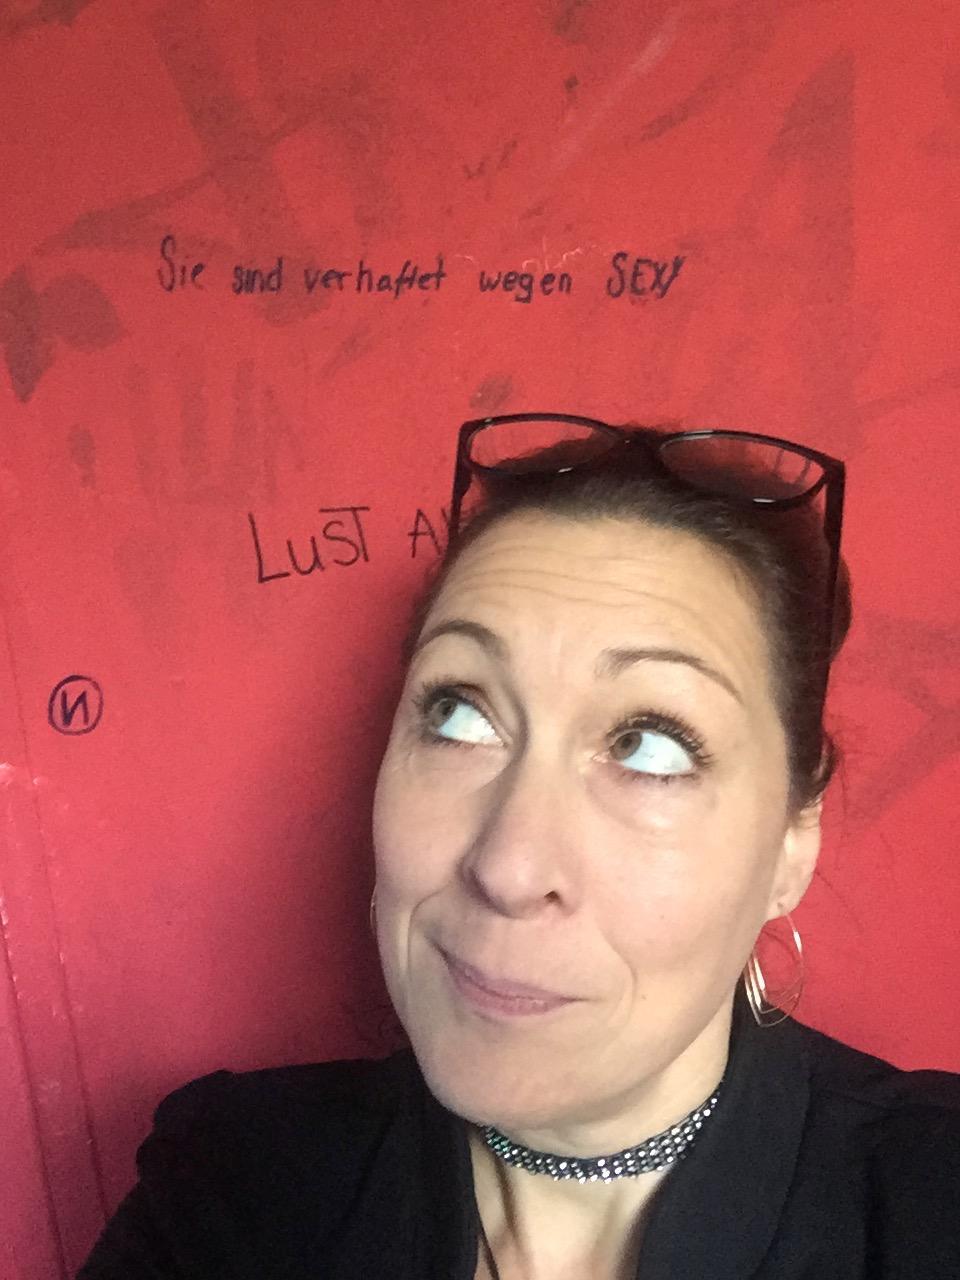 ...doch in der Schultoilette habe ich mich kaputt gelacht! Die wussten, dass ich früher oder später dort auftauche.